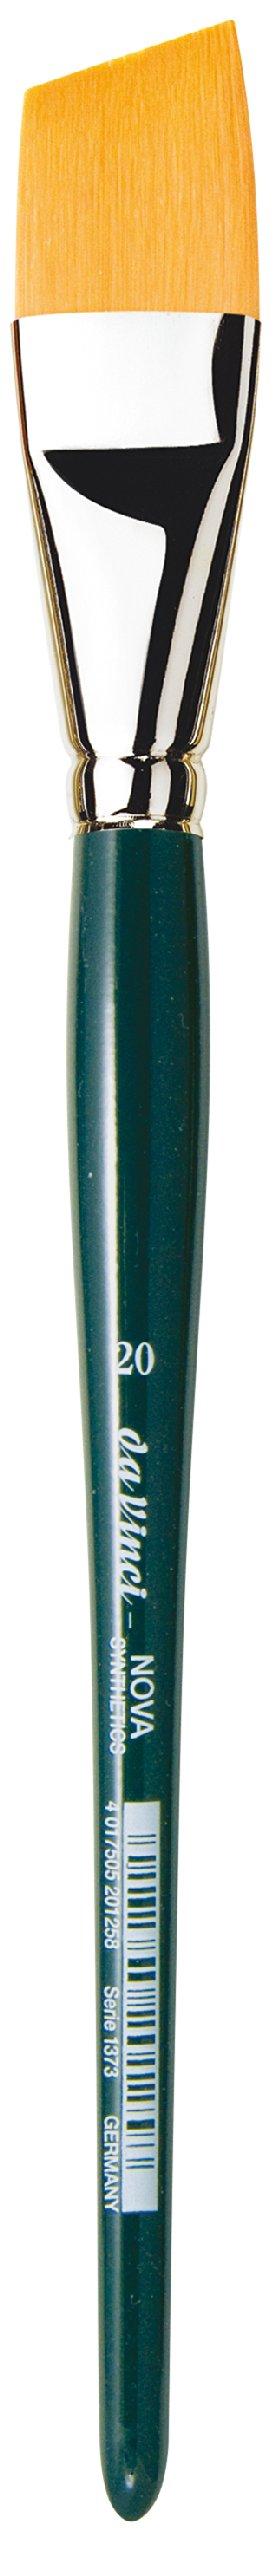 da Vinci Nova Series 1373 Paint Brush, Slanting Edge Synthetic, Size 20 (1373-20)